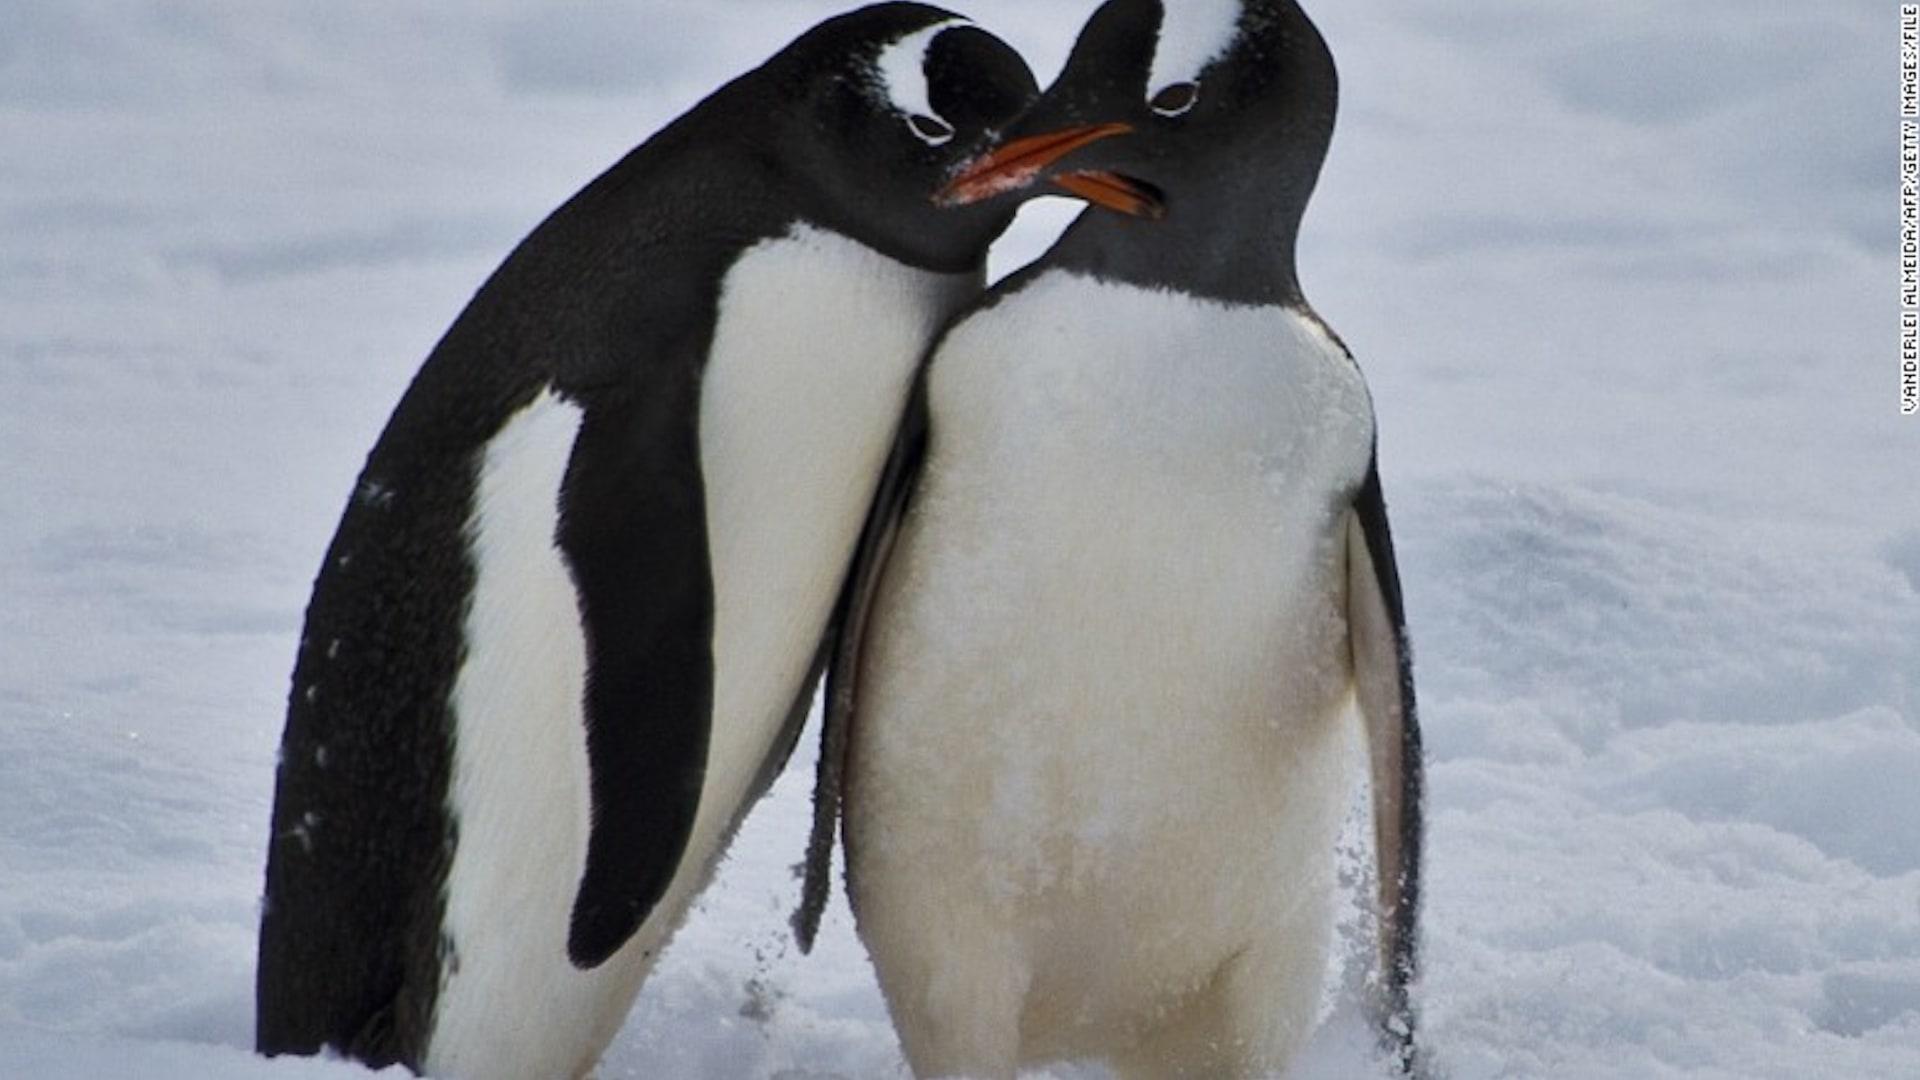 دراسة: طيور البطريق نشأت في أستراليا ونيوزيلندا وليس القطب الجنوبي